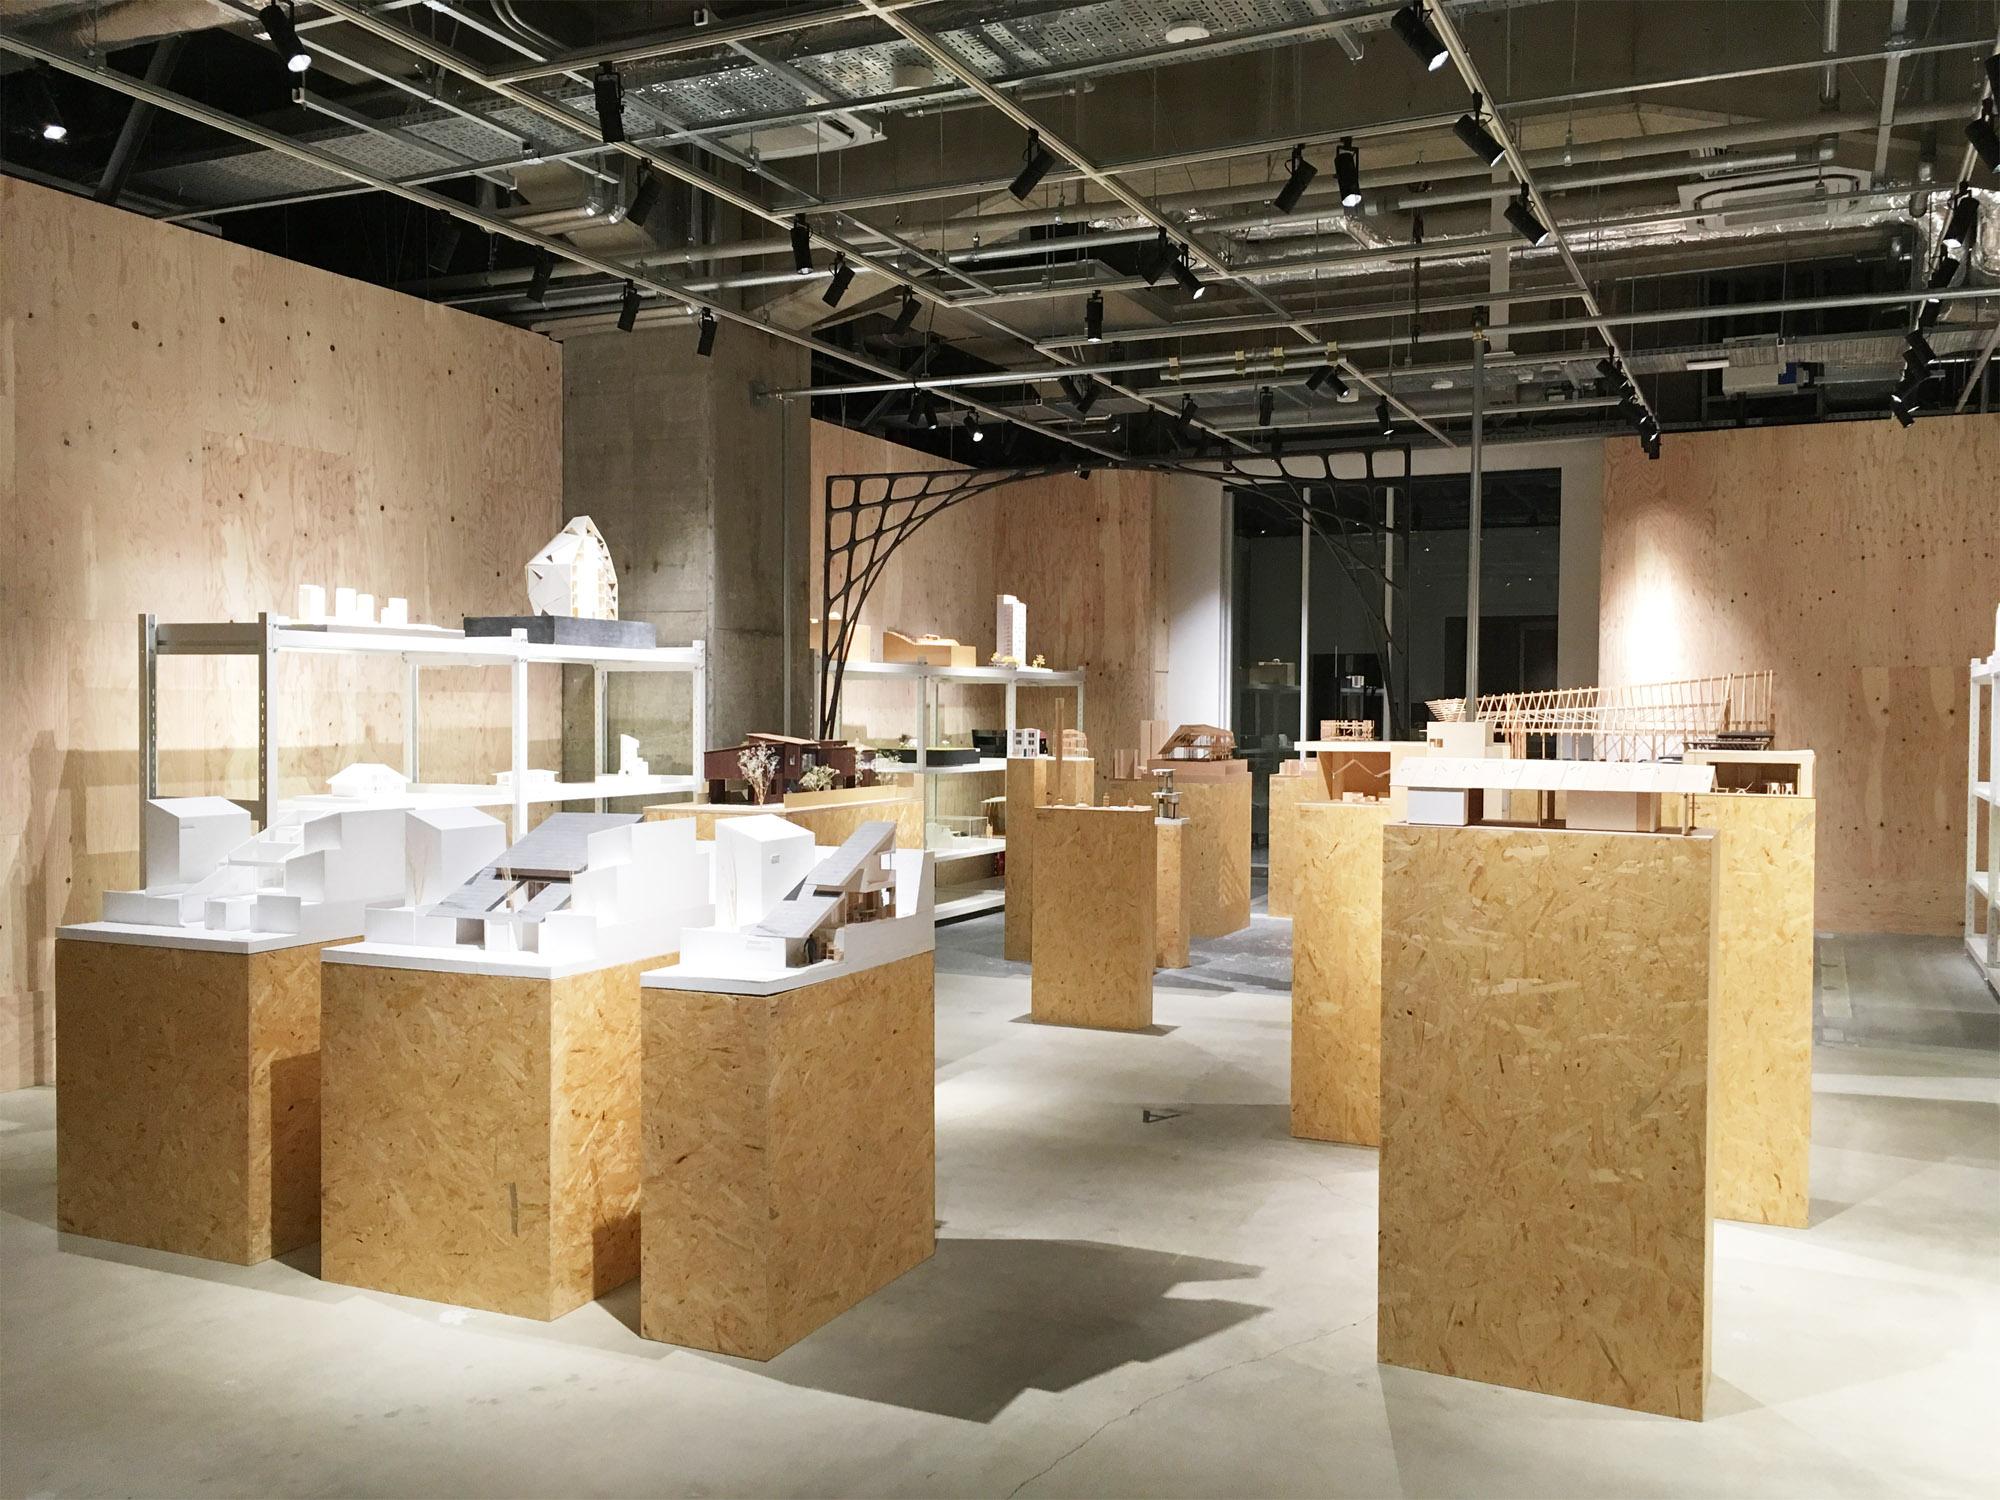 soko museum (3)